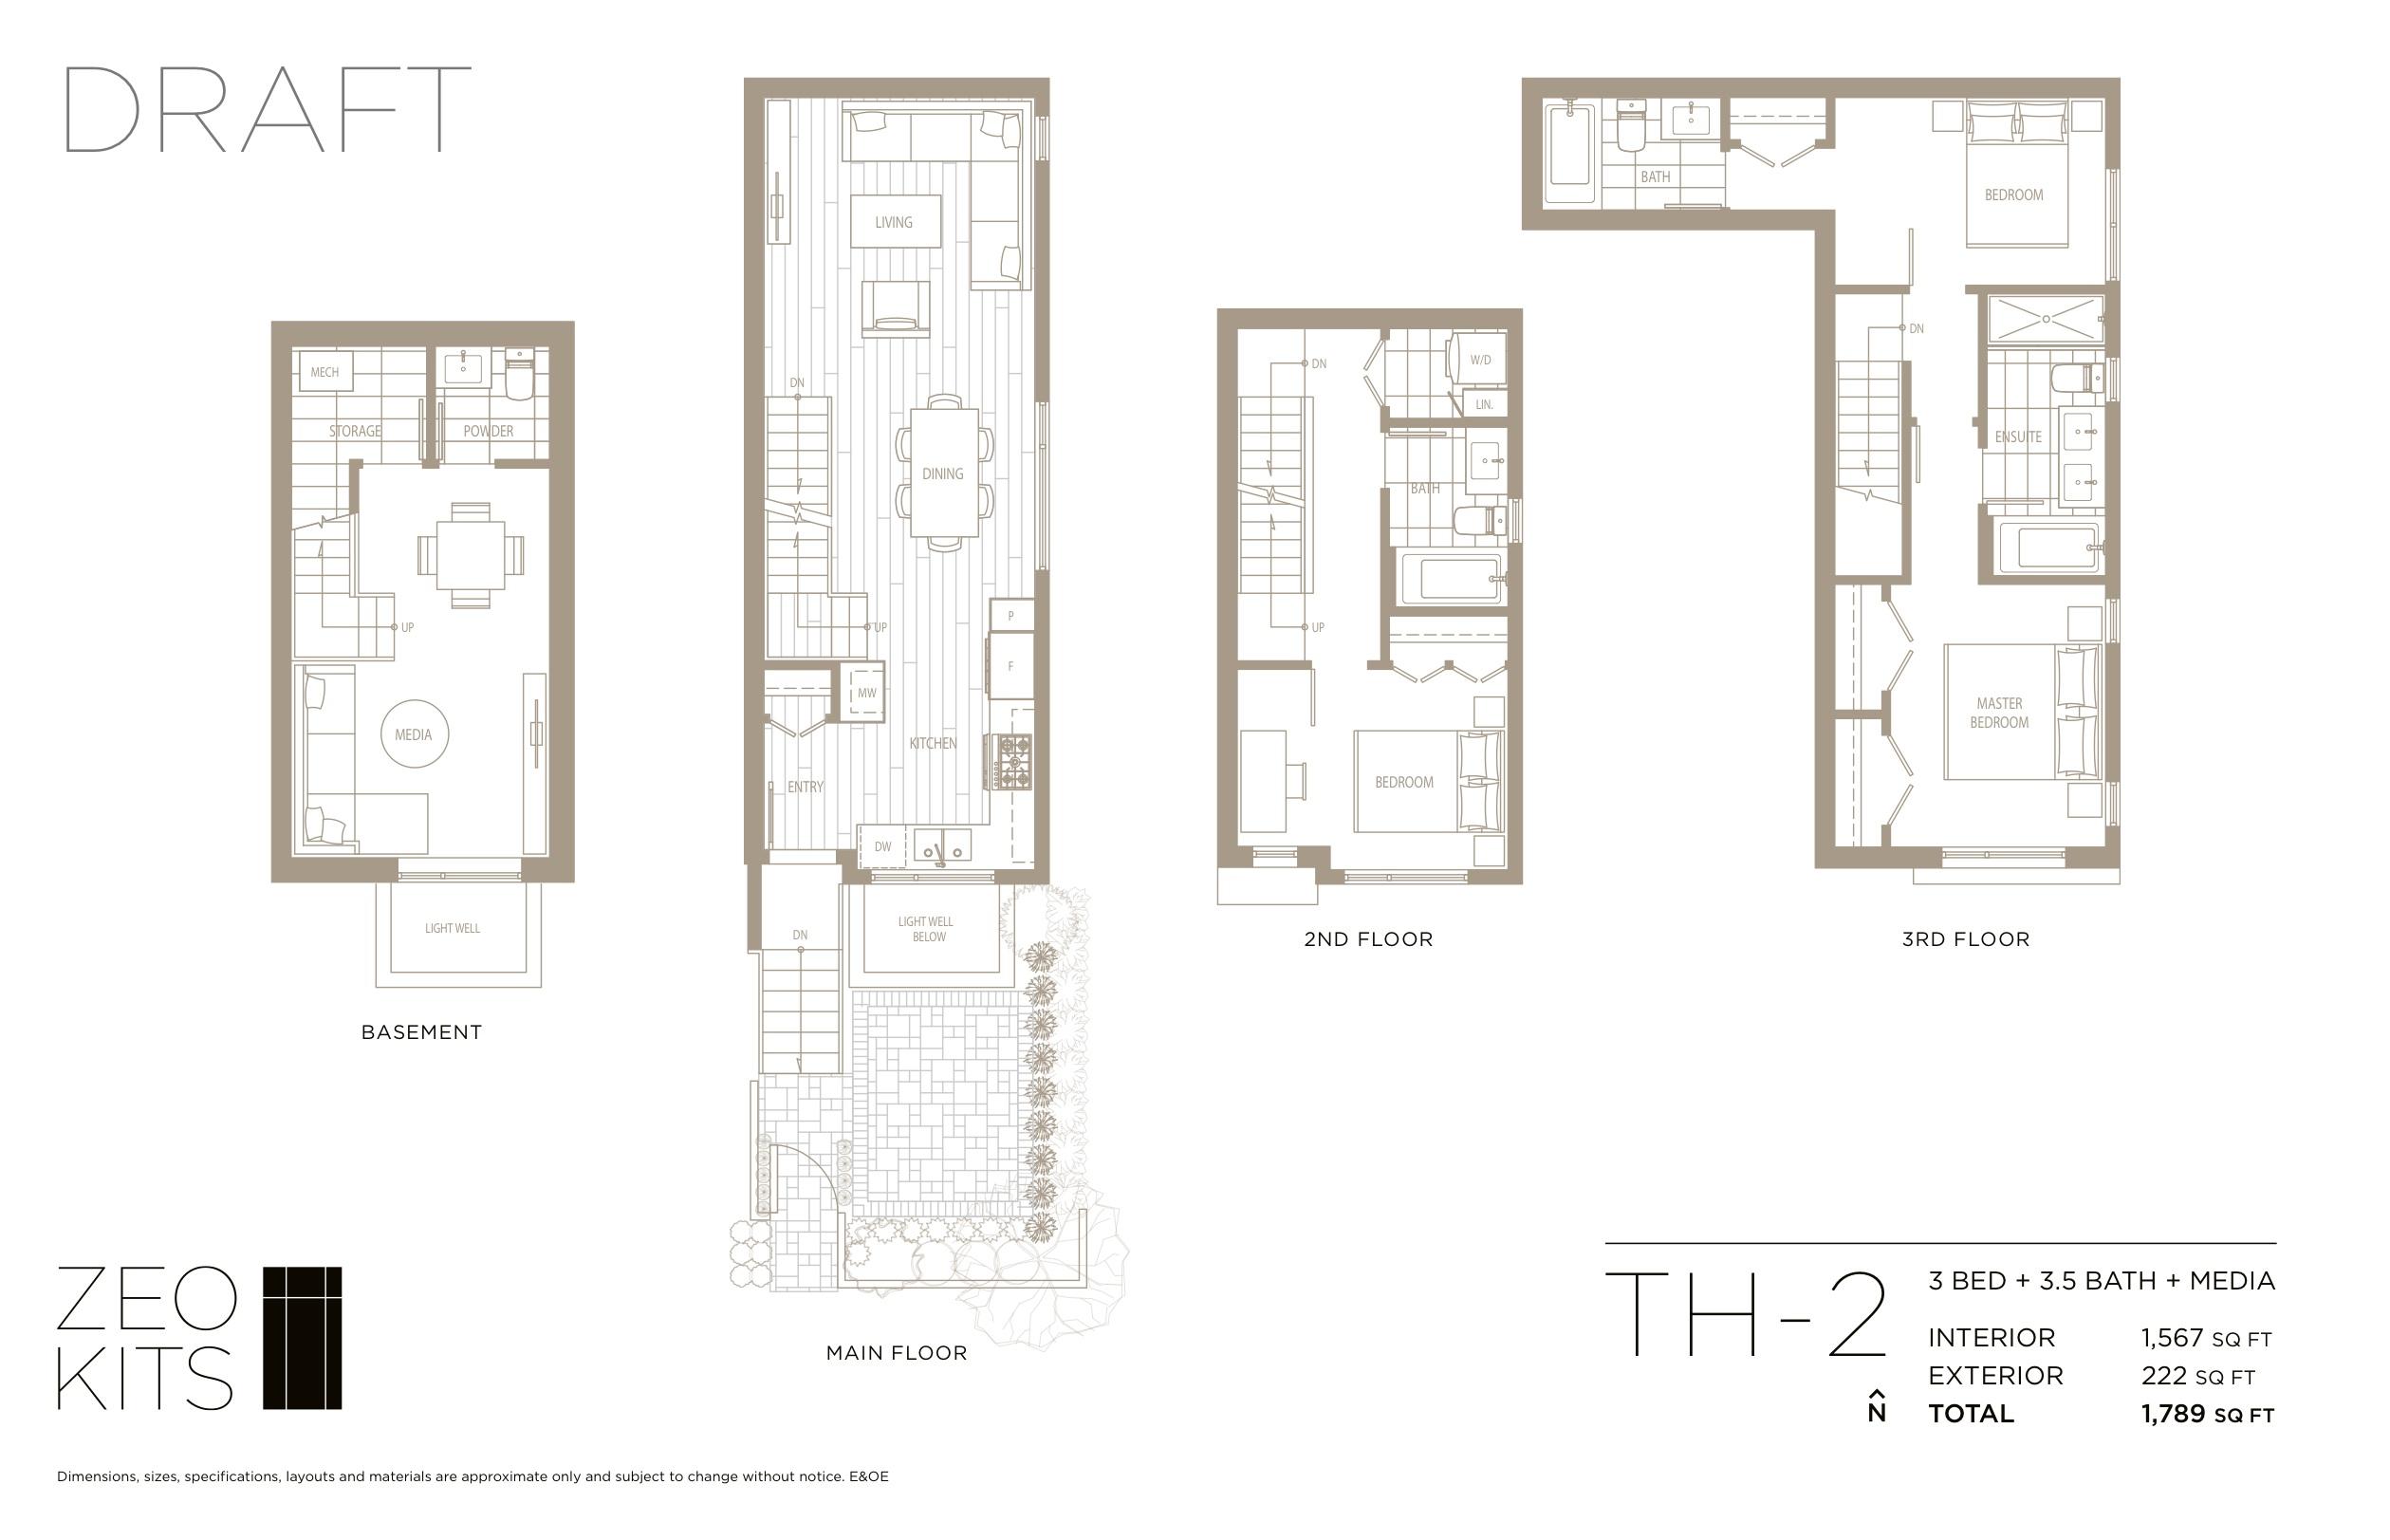 Sample 3 bed + 3.5 bath + media floorplan.